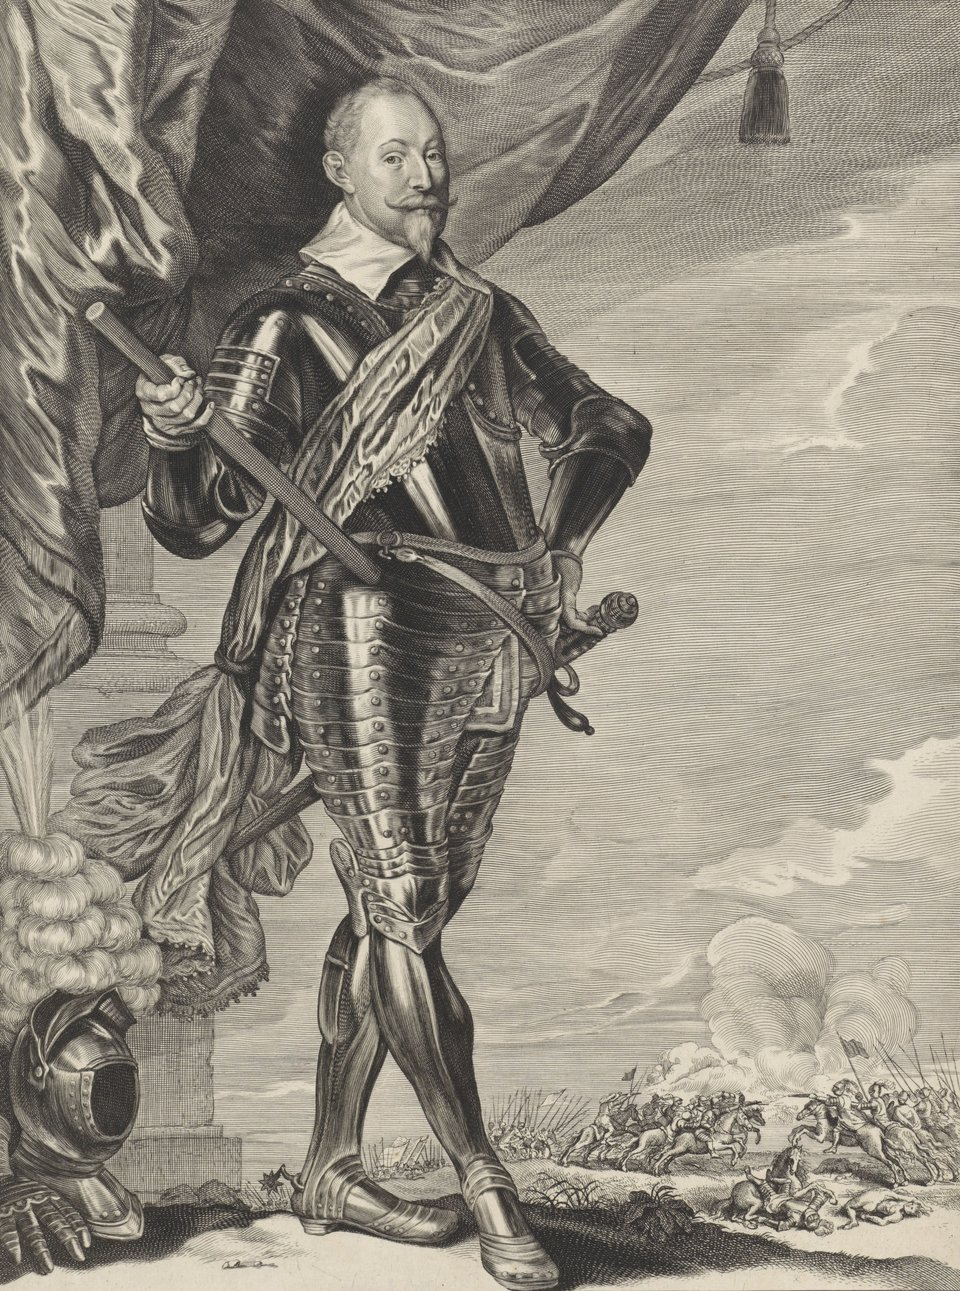 Portret Gustawa Adolfa, króla Szwecji. Król przedstawiony jest wpozycji stojącej, wlekkim wykroku. Ubrany jest wpełną zbroję - hełm irękawice pancerne leżą obok nóg. Wtle, wdole widać potyczkę kawalerii.